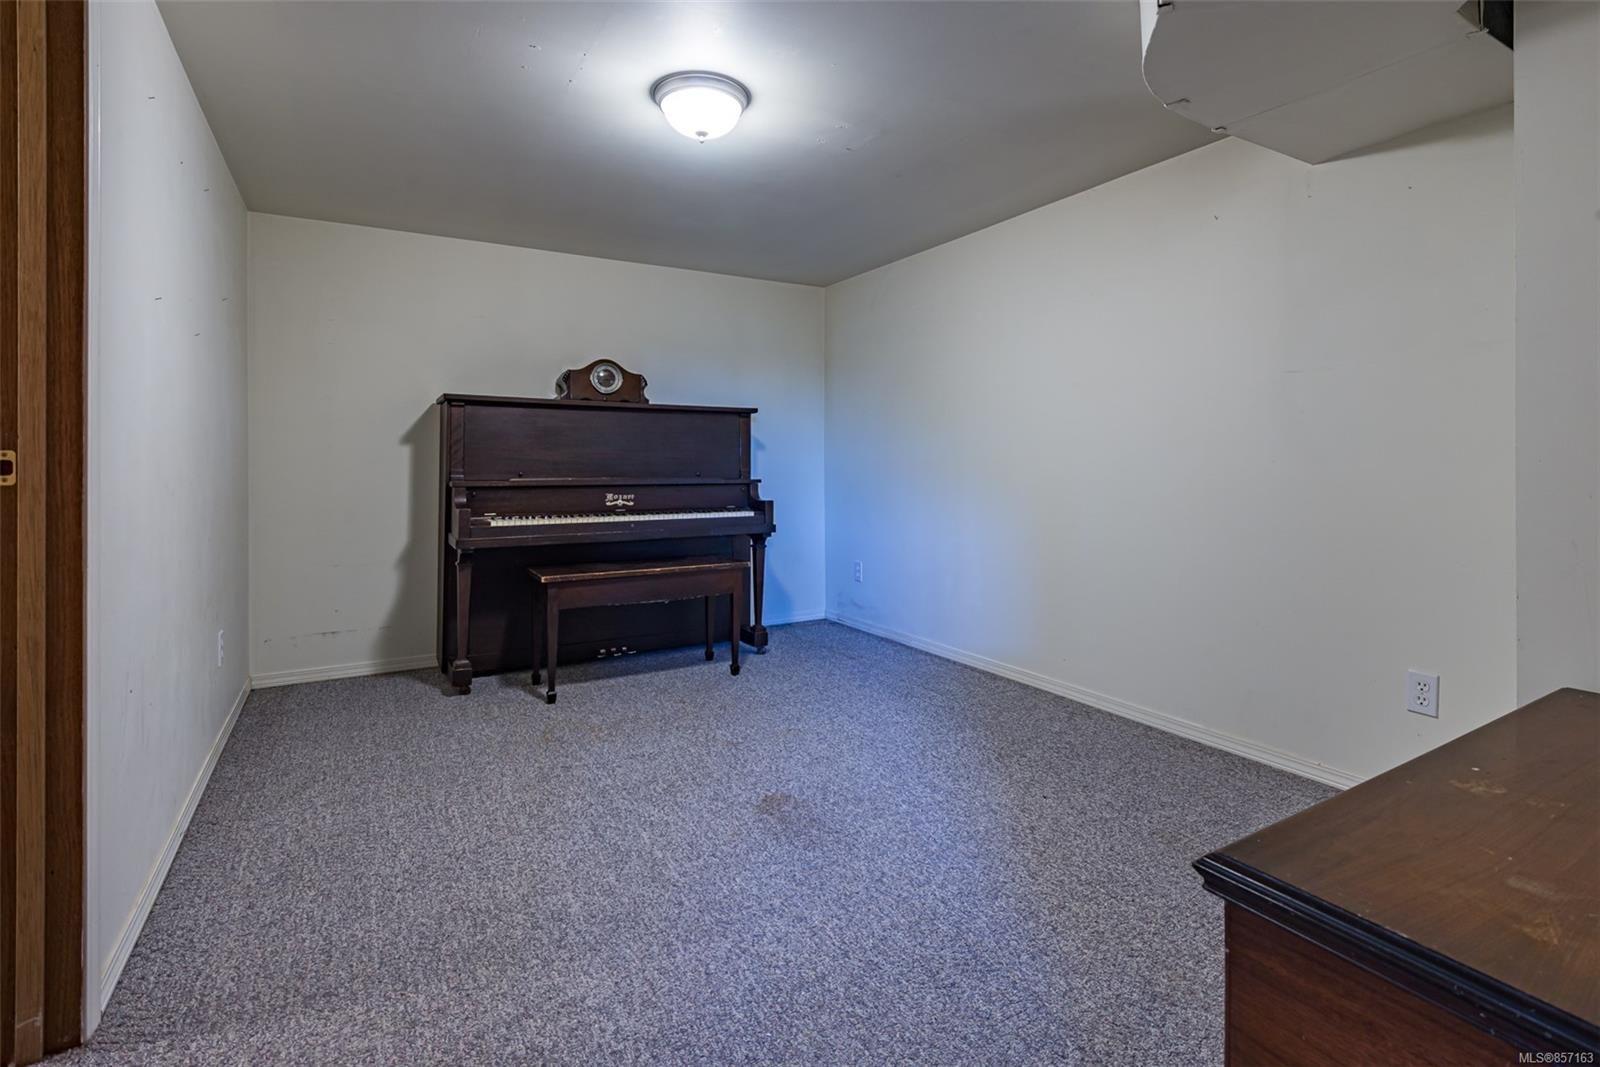 Photo 40: Photos: 4241 Buddington Rd in : CV Courtenay South House for sale (Comox Valley)  : MLS®# 857163